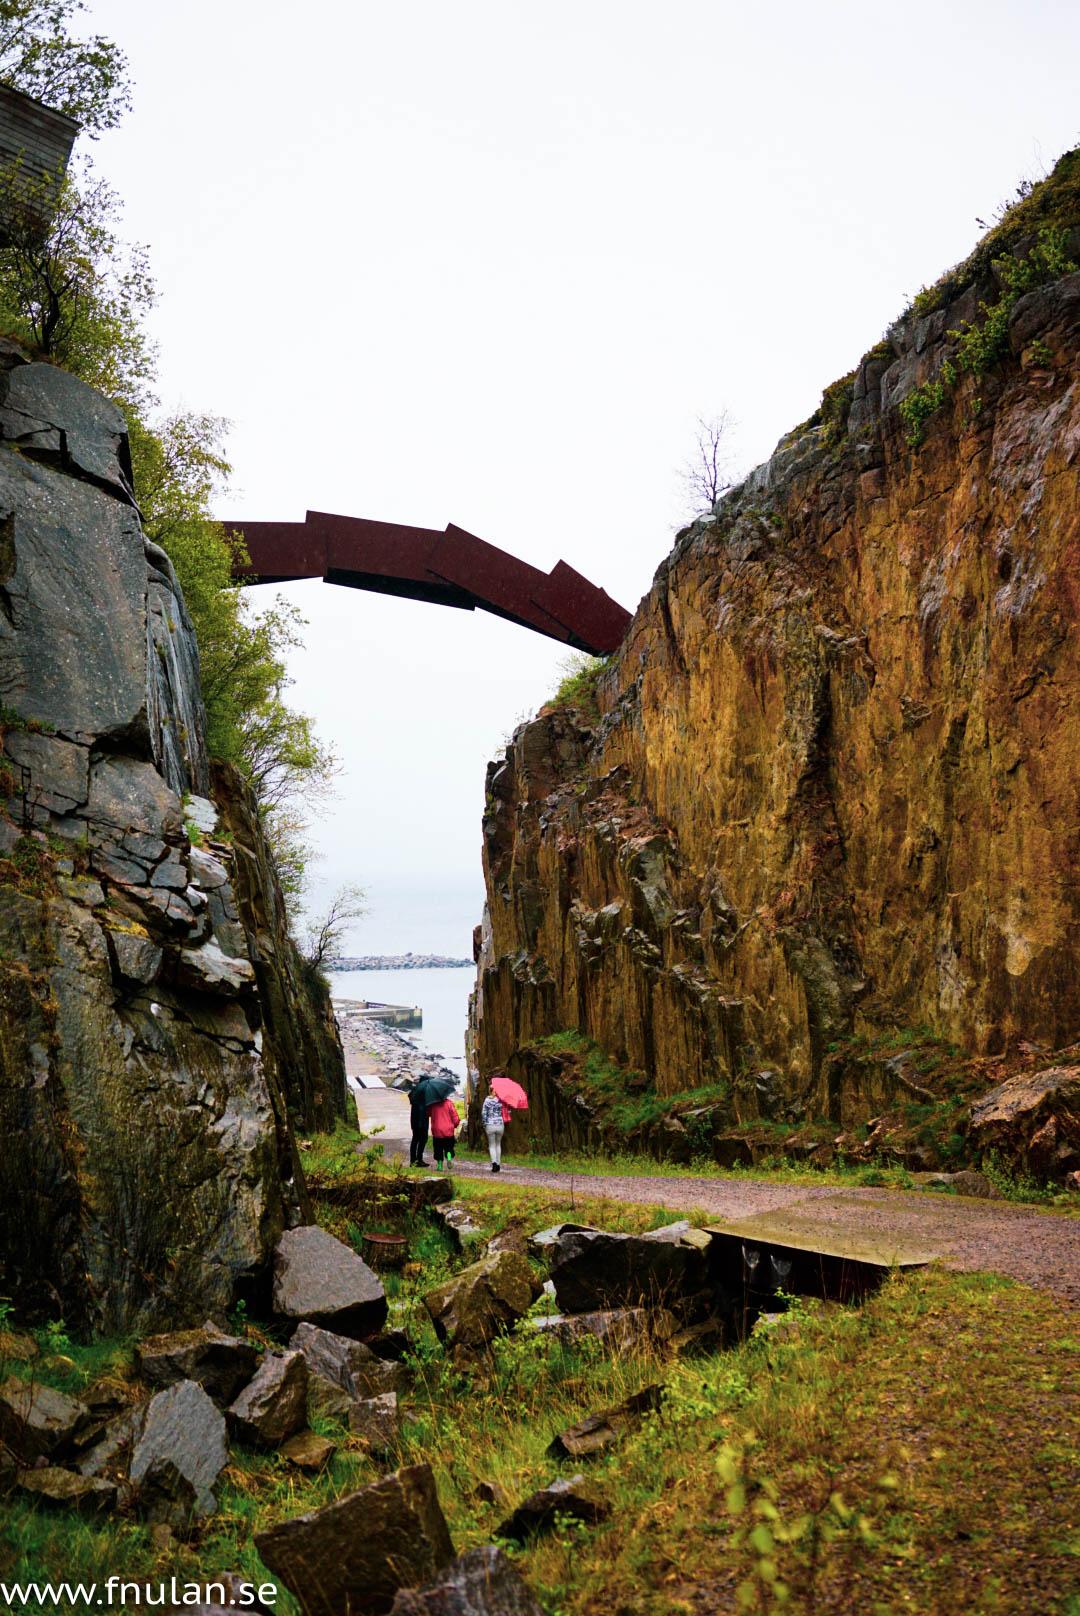 Opalsjön Hammershus Hällristningar-5